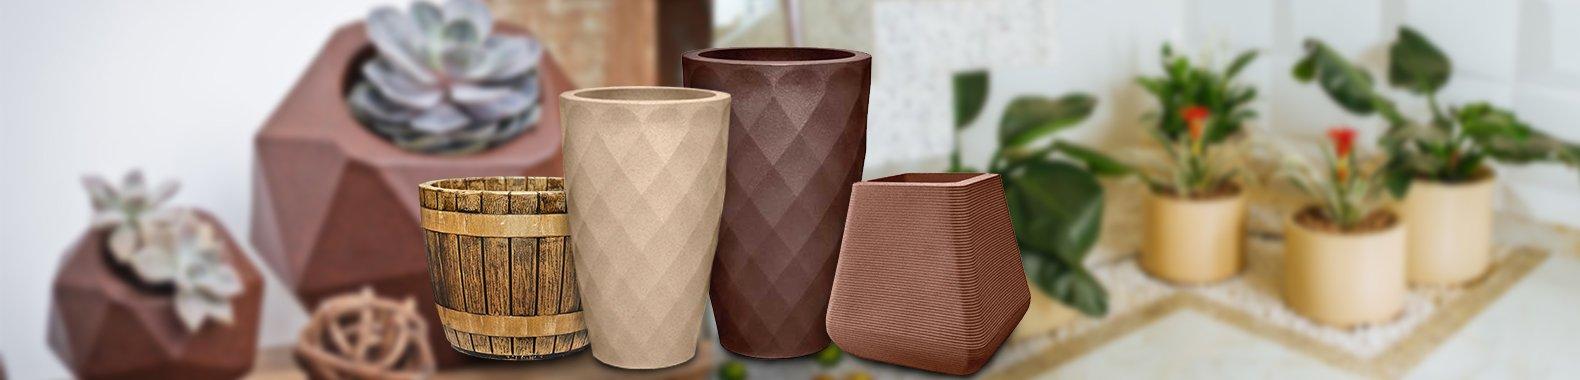 modelos vasos para decoracao de polietileno nutriplan